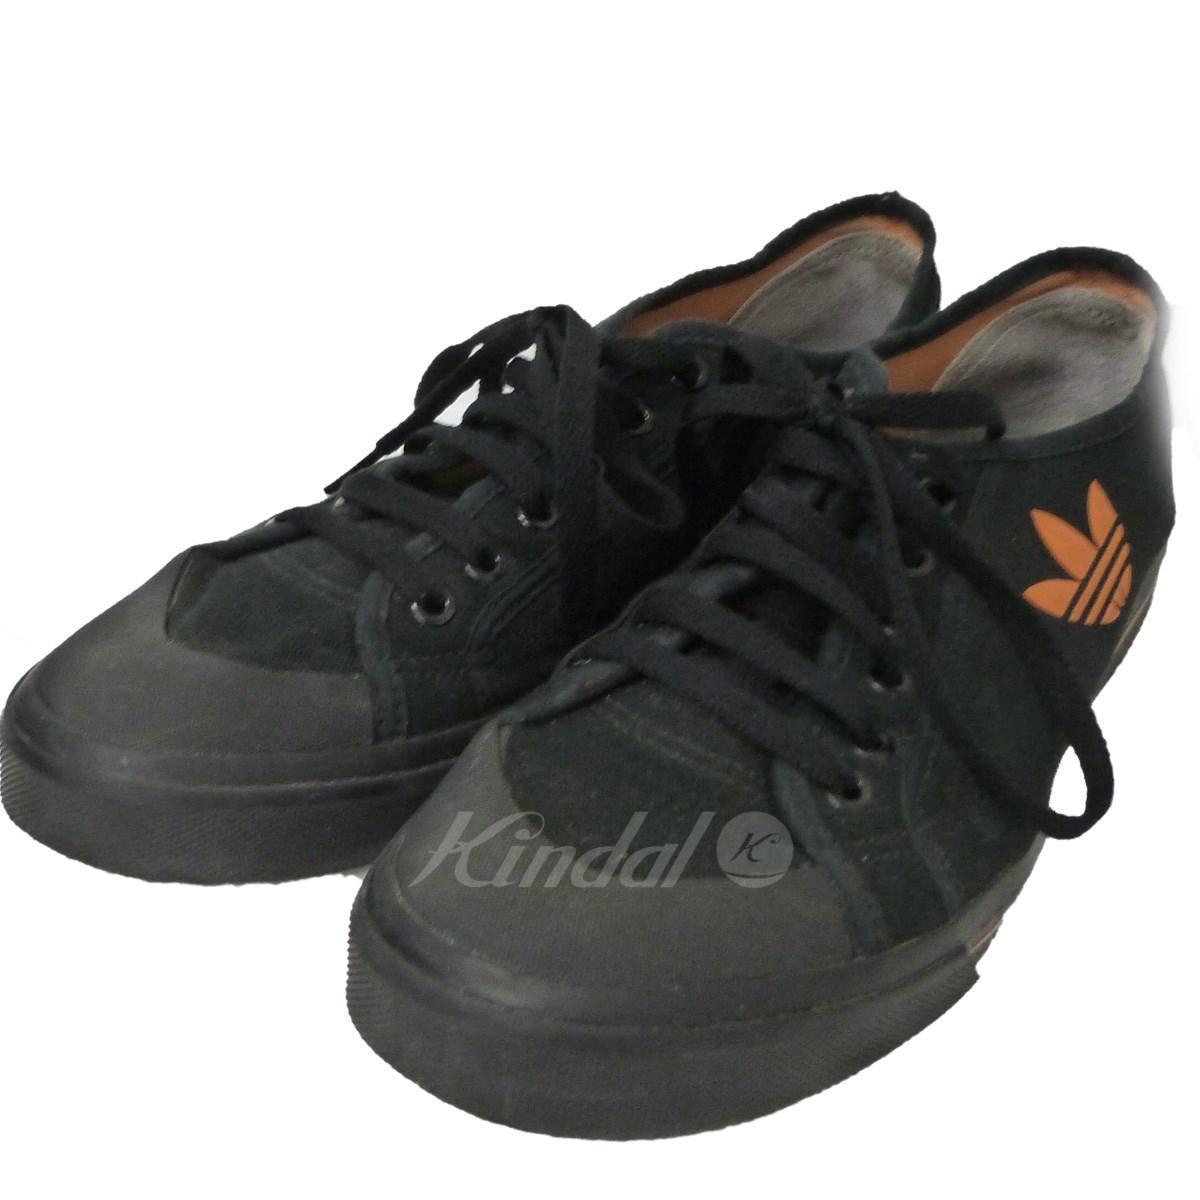 【中古】adidas by RAF SIMONS 「SPIRIT LOW」スニーカー ブラック サイズ:27.5cm 【送料無料】 【140718】(アディダスバイラフシモンズ)